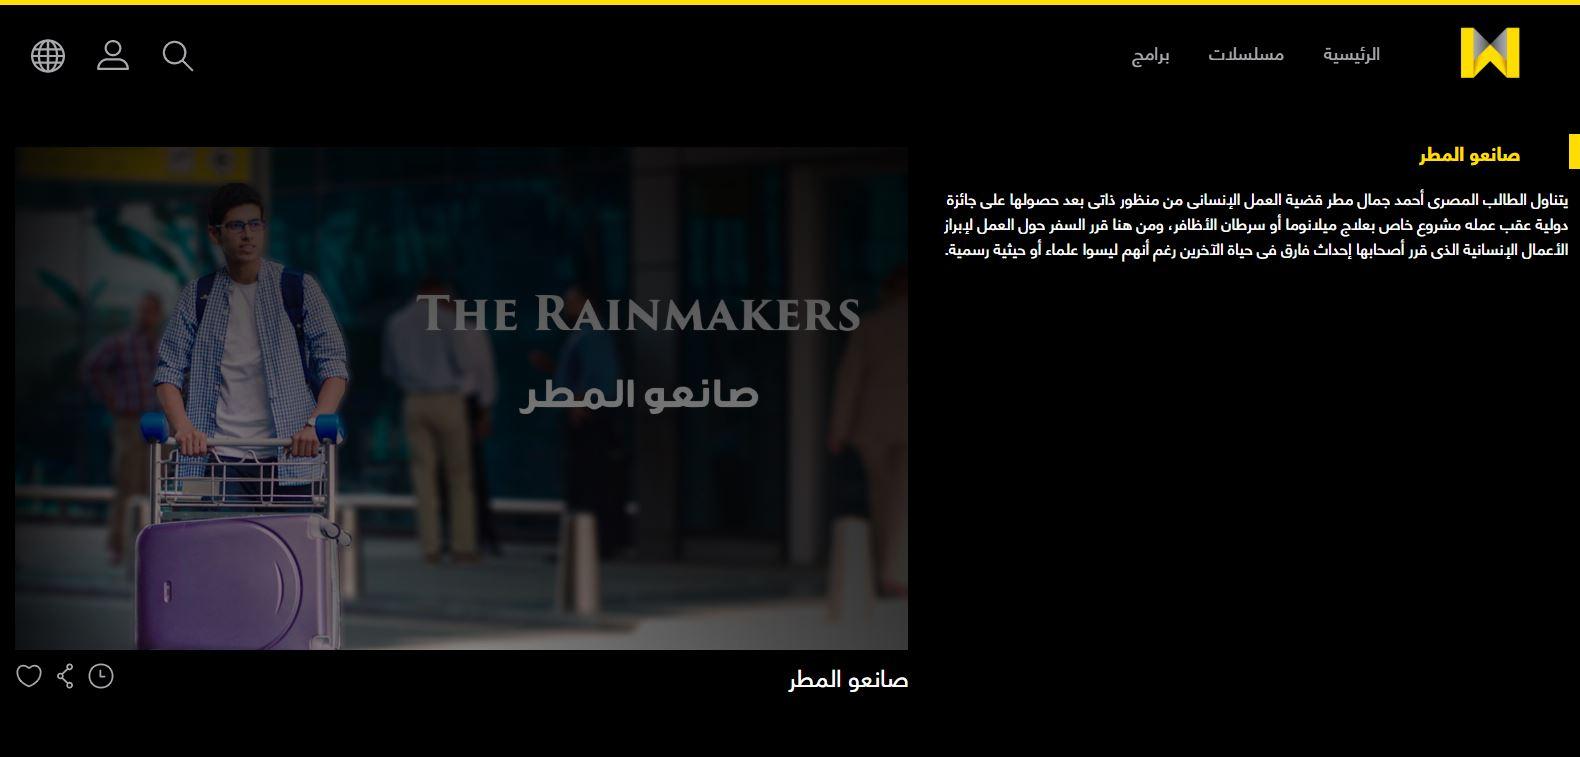 فيلم صانعوا المطر